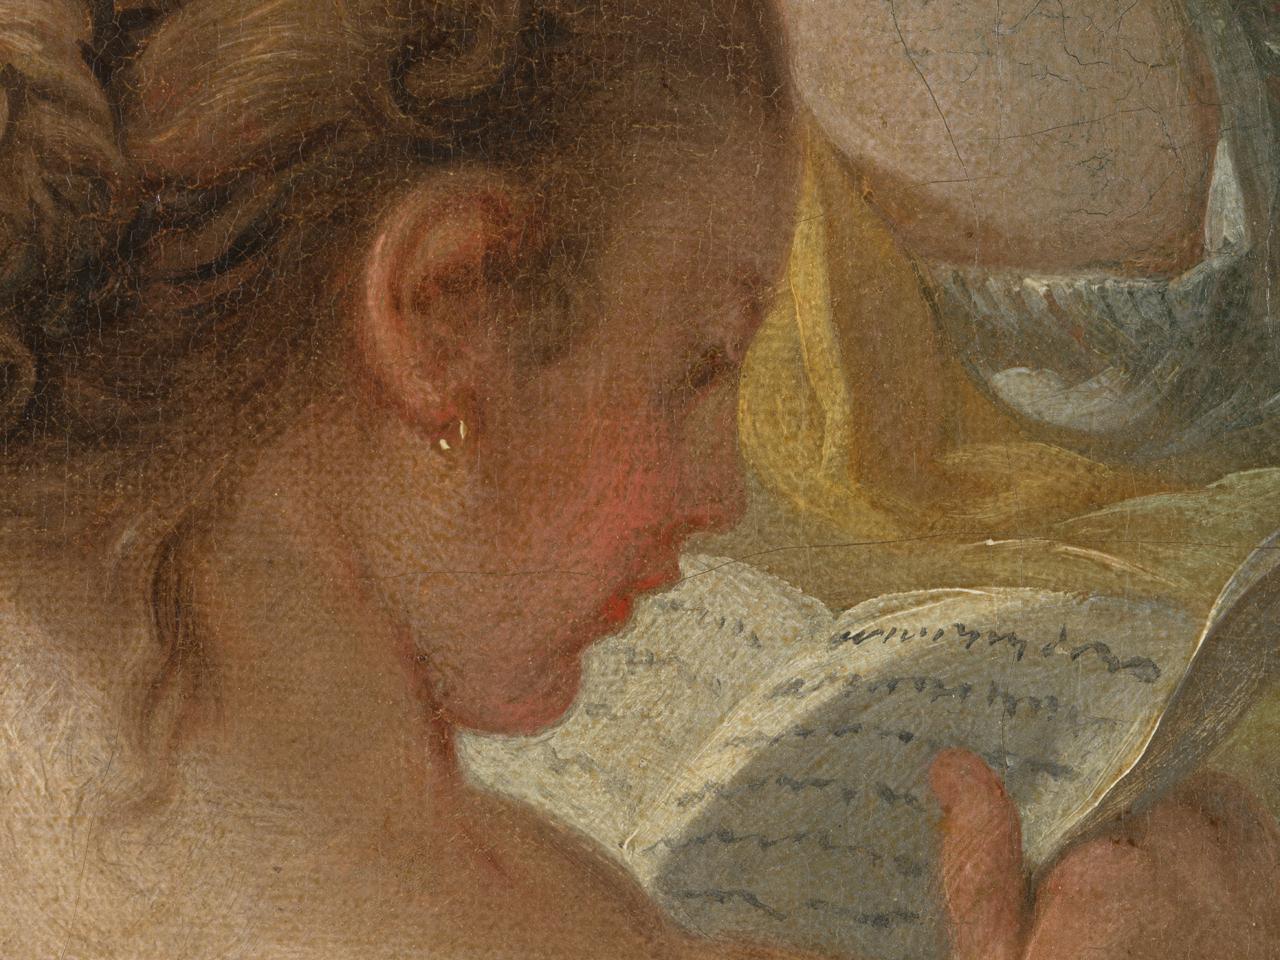 Detail des Gesichtes der lesenden Schäferin auf Bouchers Gemälde Zwei Schäferinnen von François Boucher, auf dem der Farbauftrag sichtbar wird